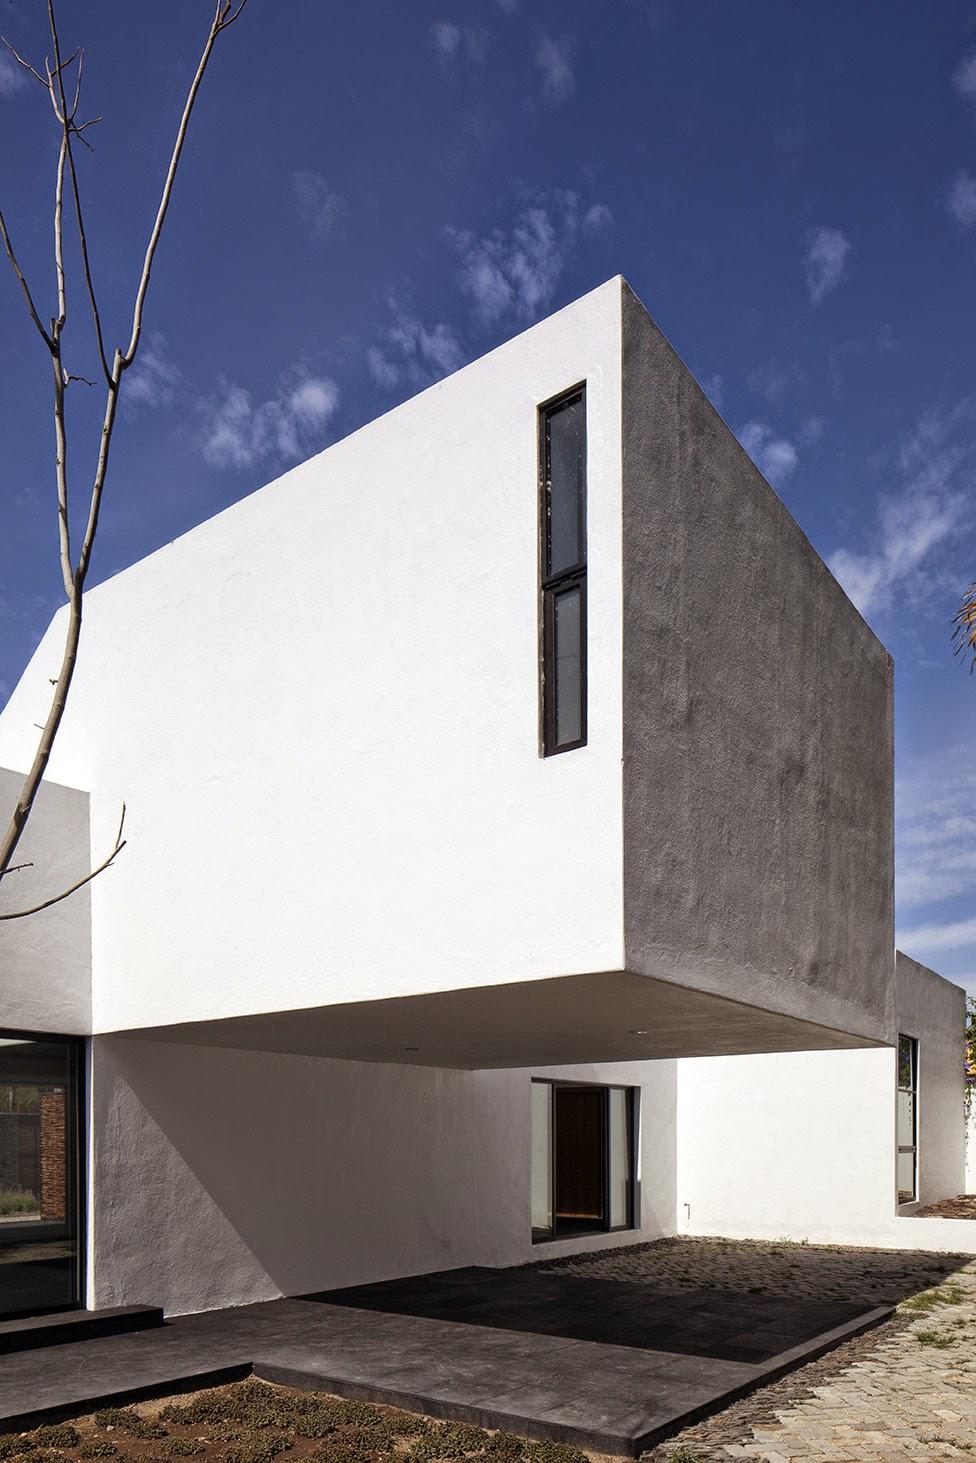 Rumah dengan Perpaduan Lokalitas dan Modernitas 19